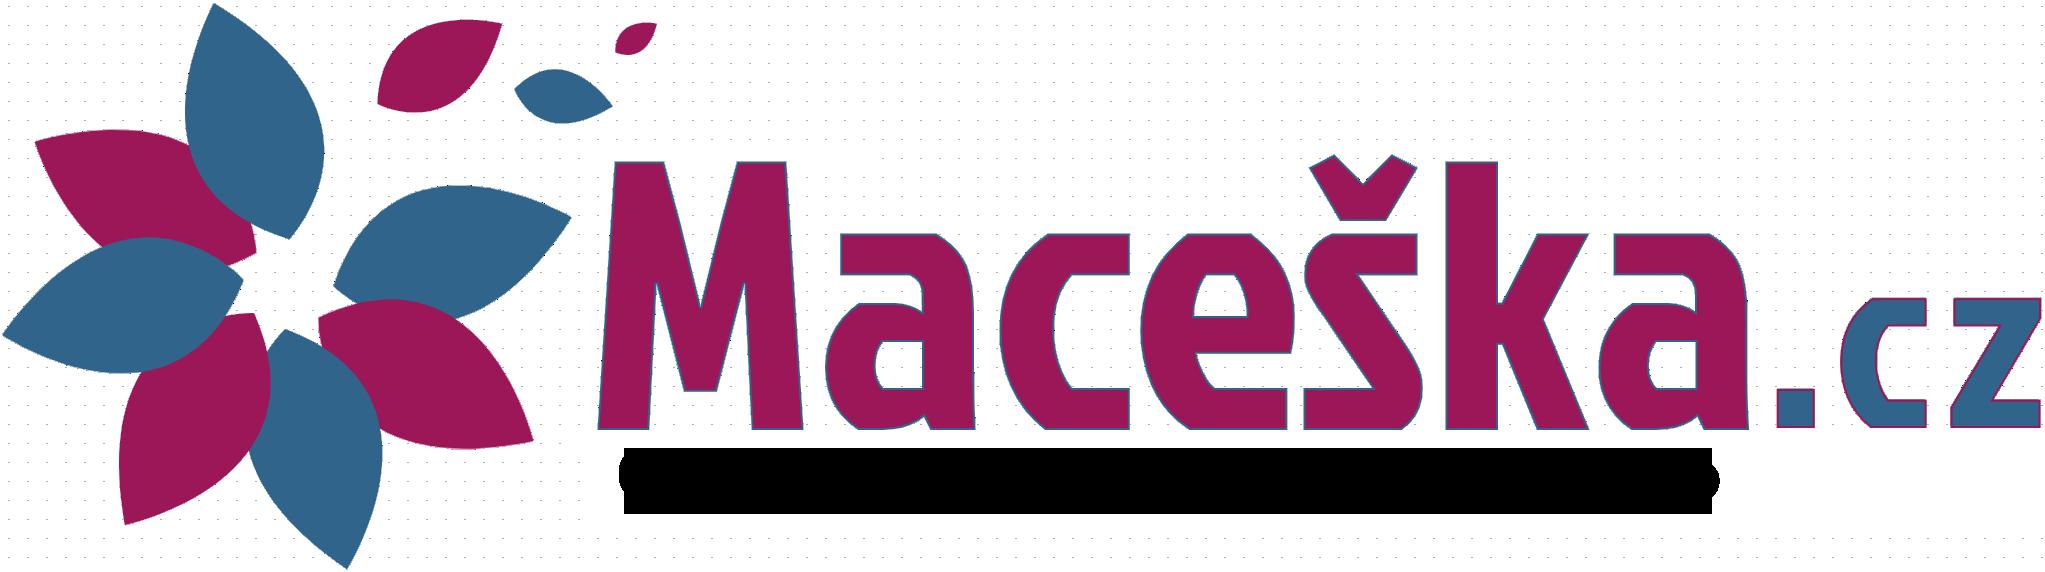 Maceska.cz